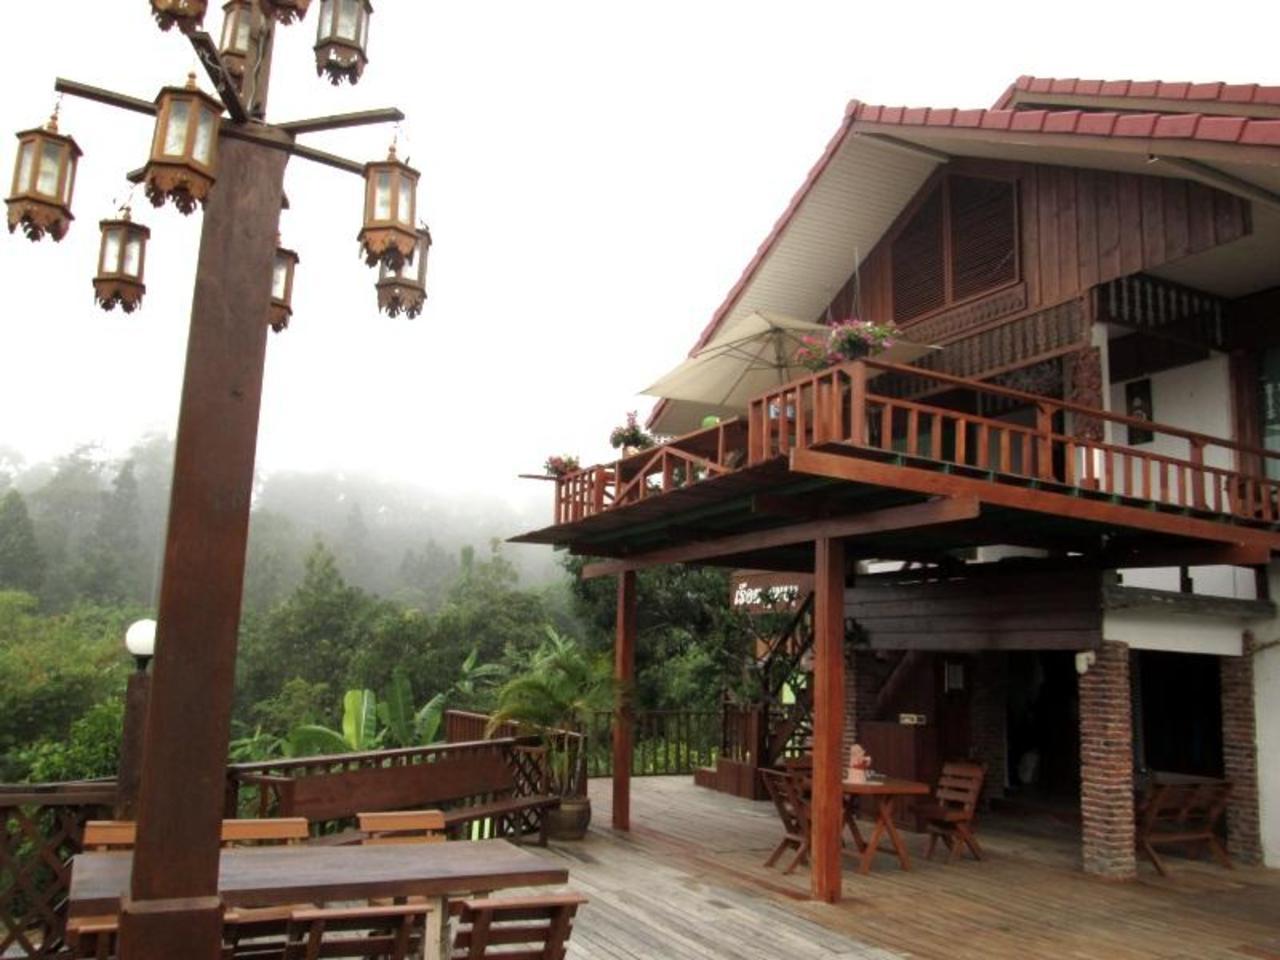 ภูชบา รีสอร์ท (Phu Chaba Resort)